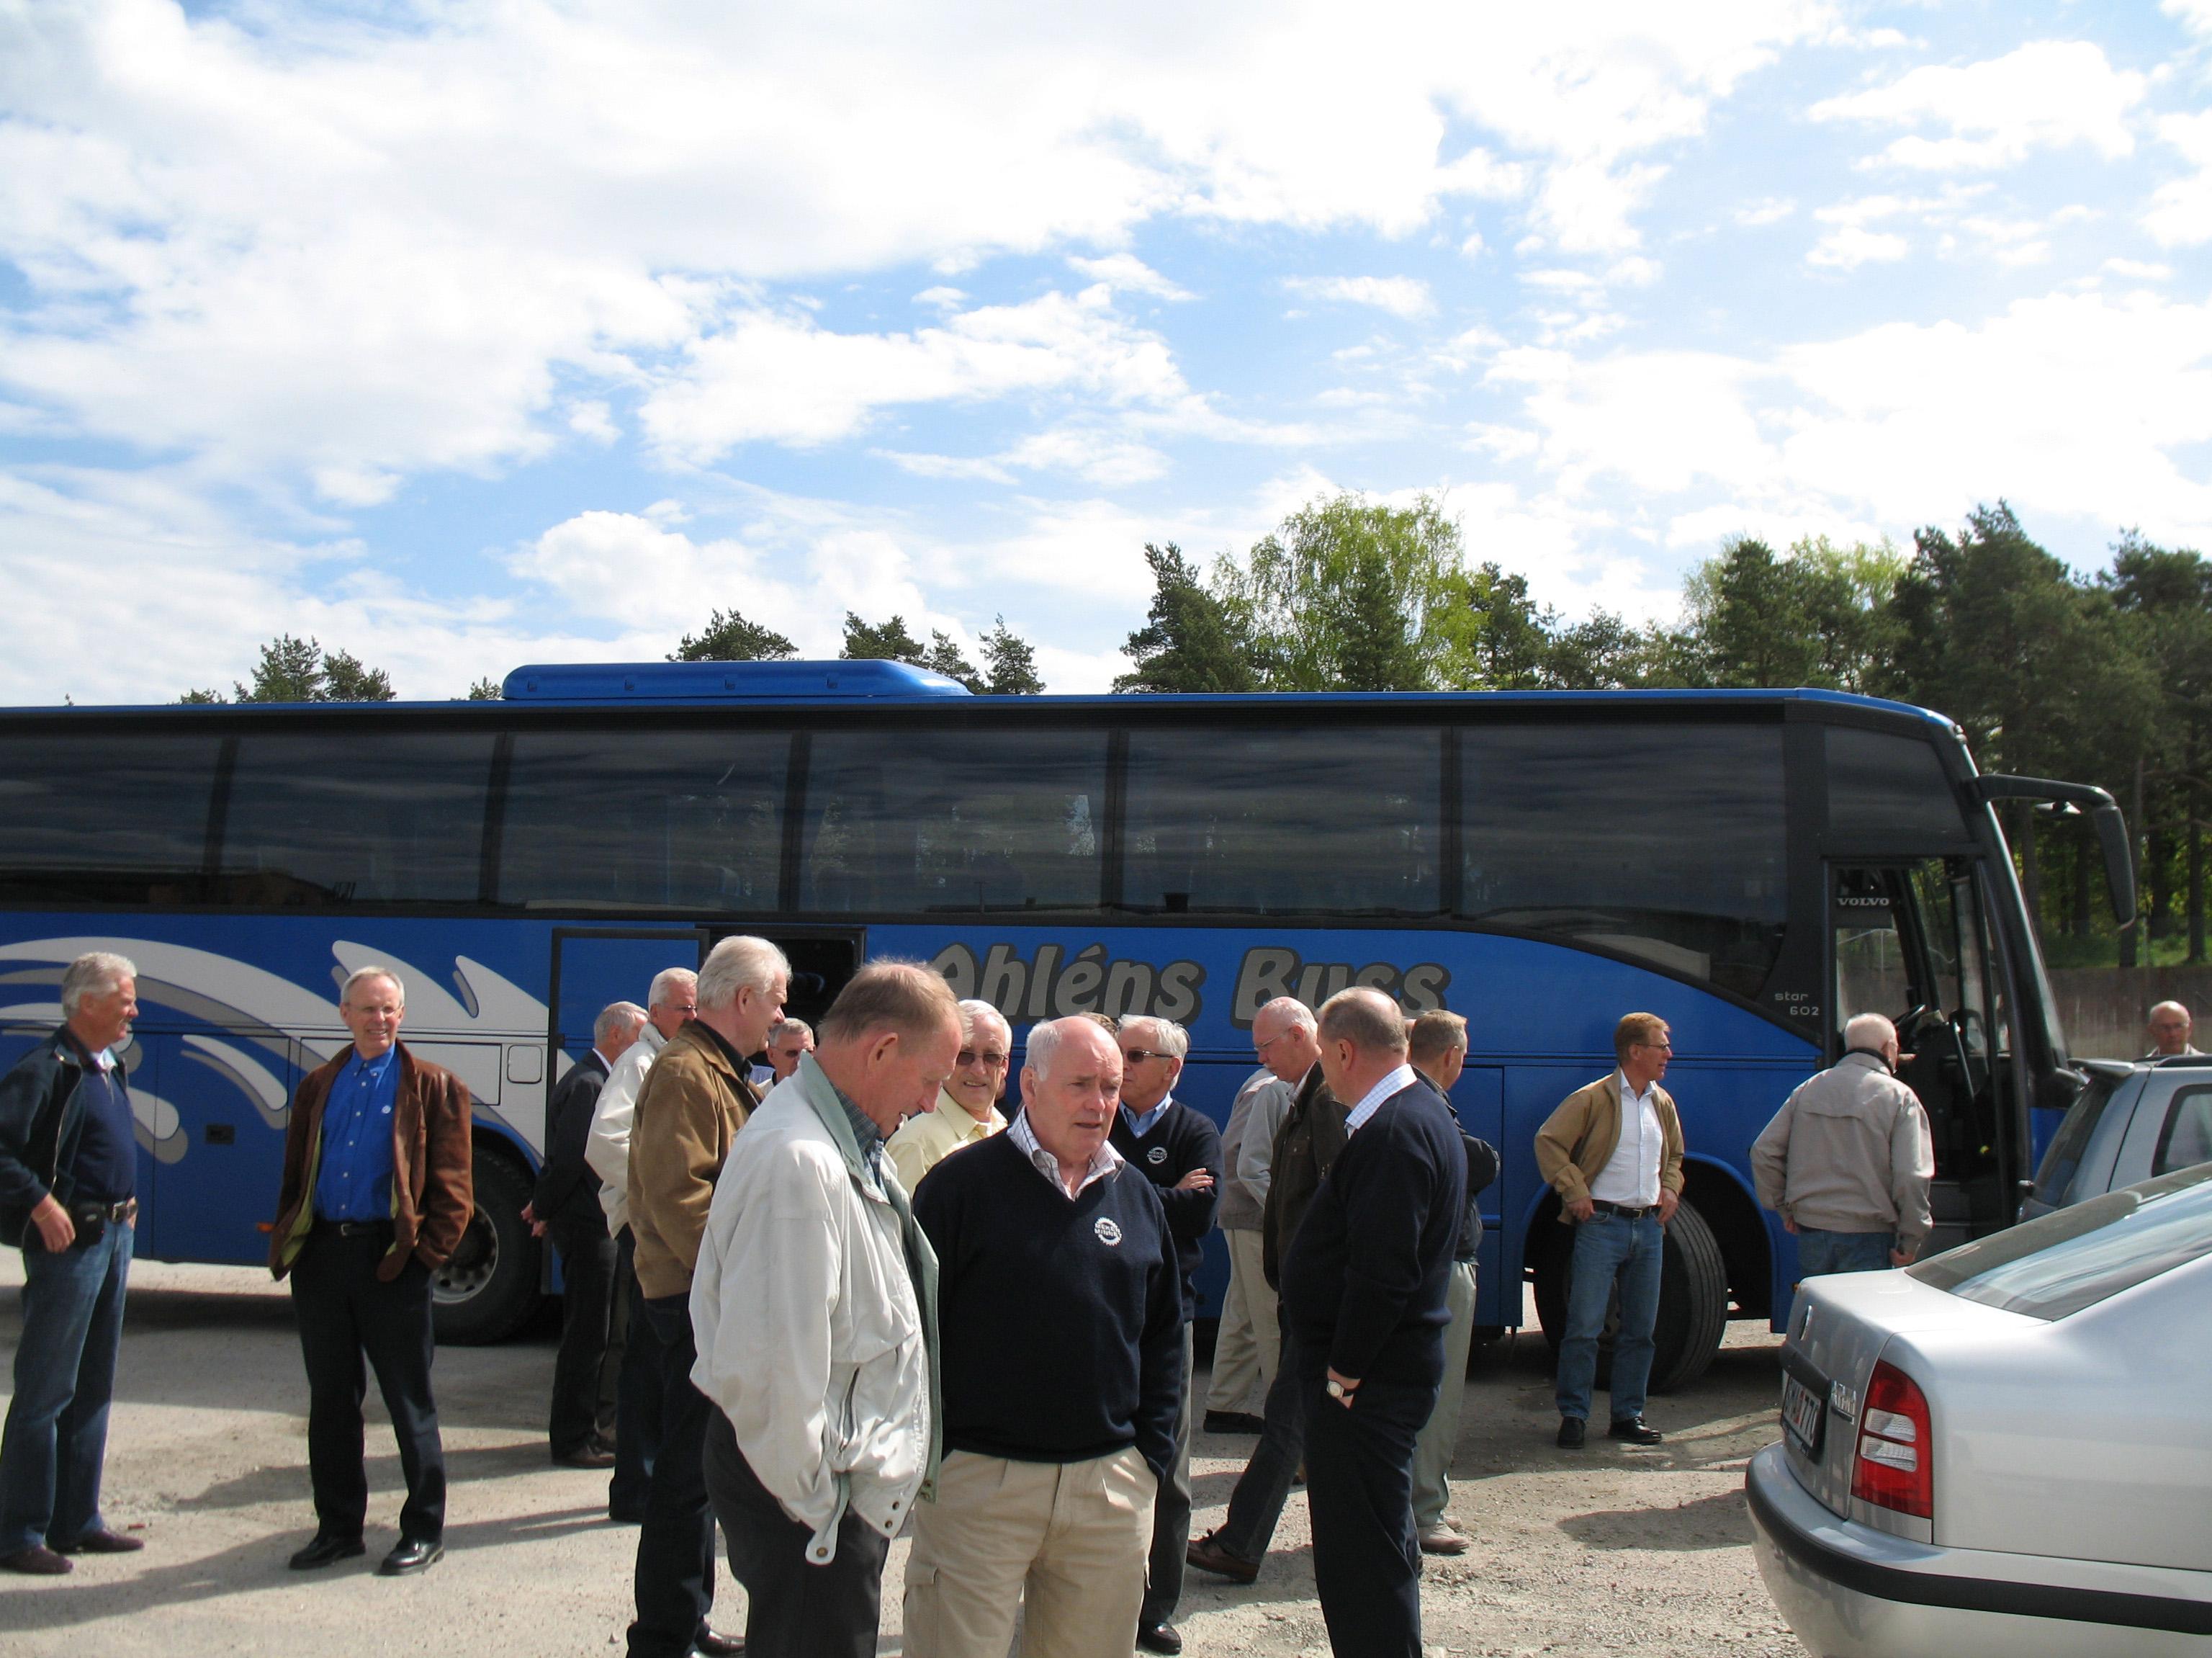 2008 Saab Trollhättan - 02